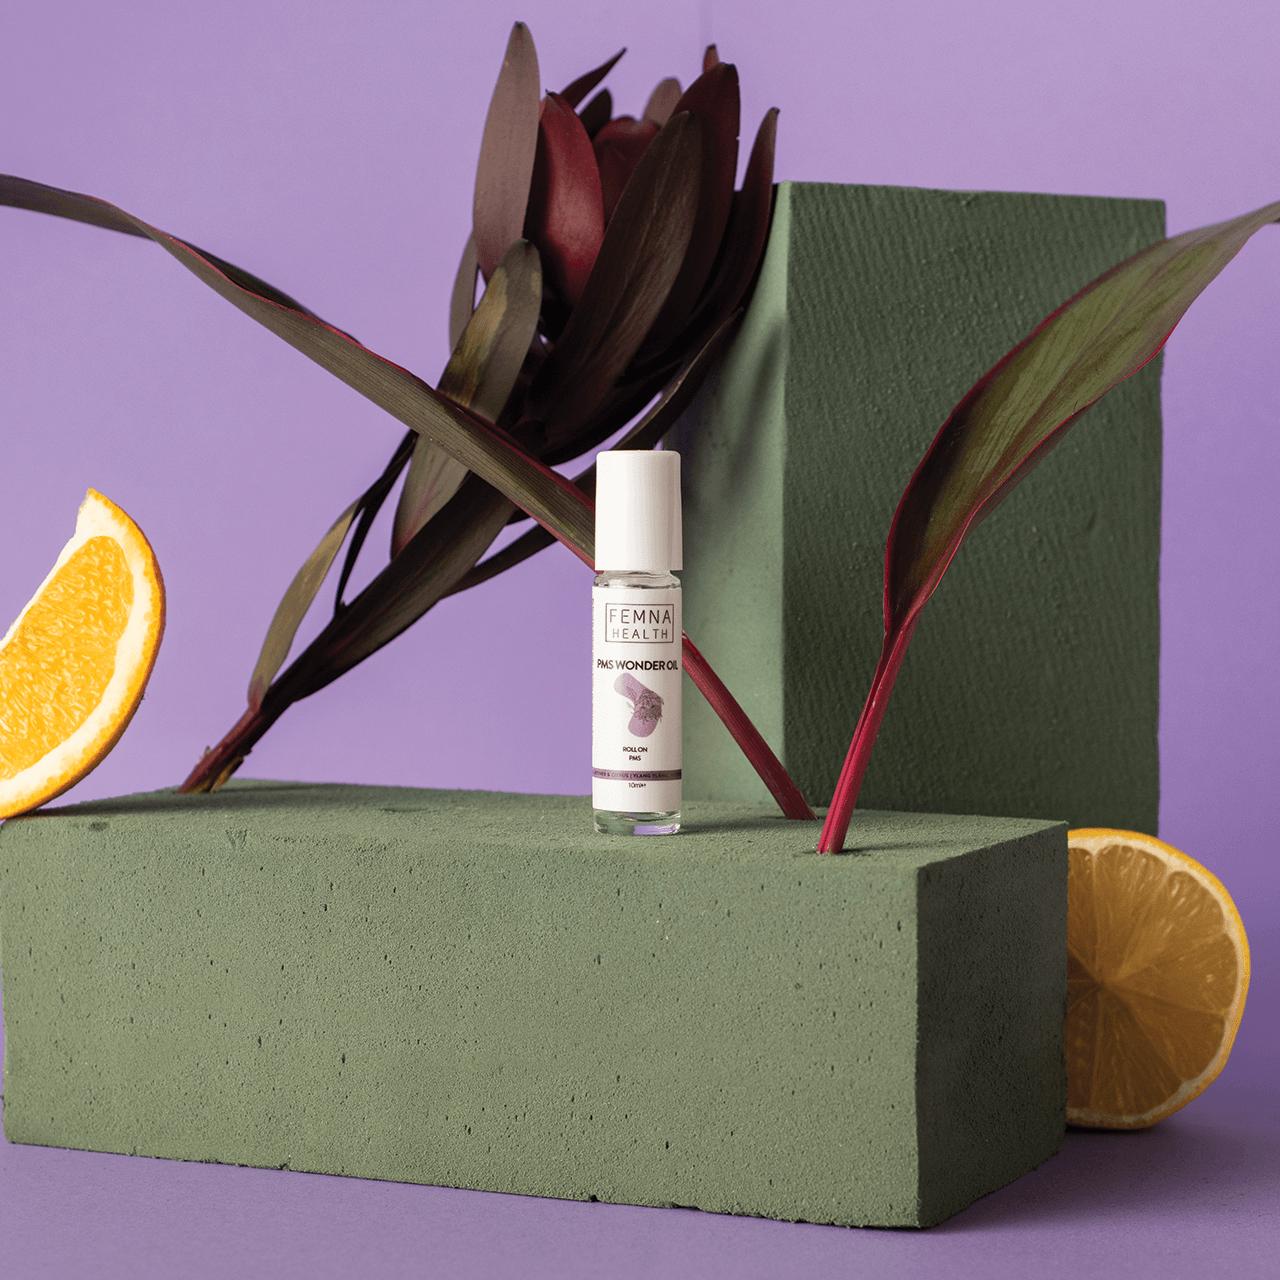 Packaging for Femna's roll on oils